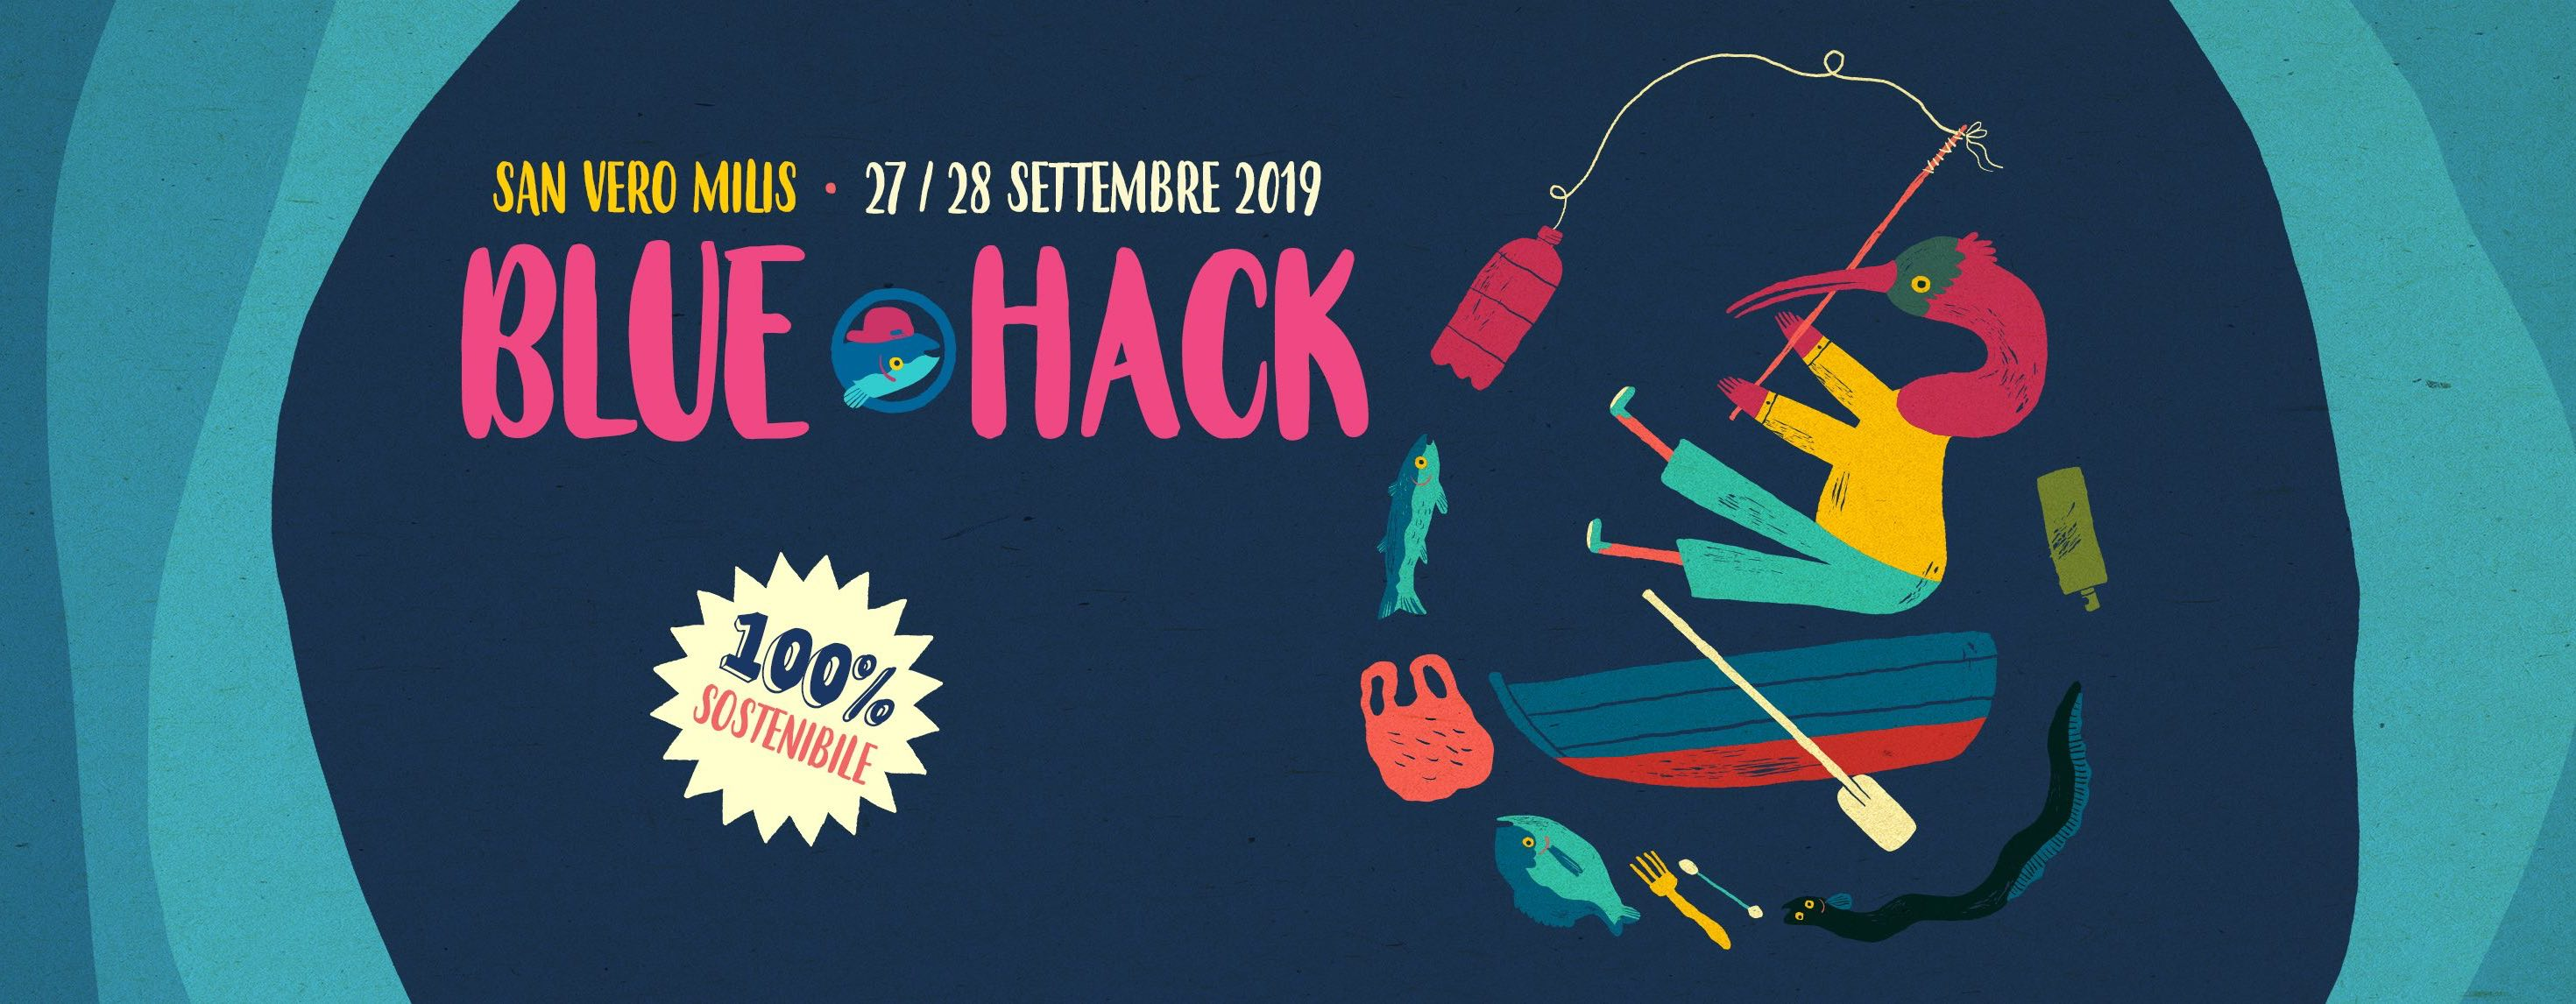 Blue Hack, San Vero Milis (Oristano)